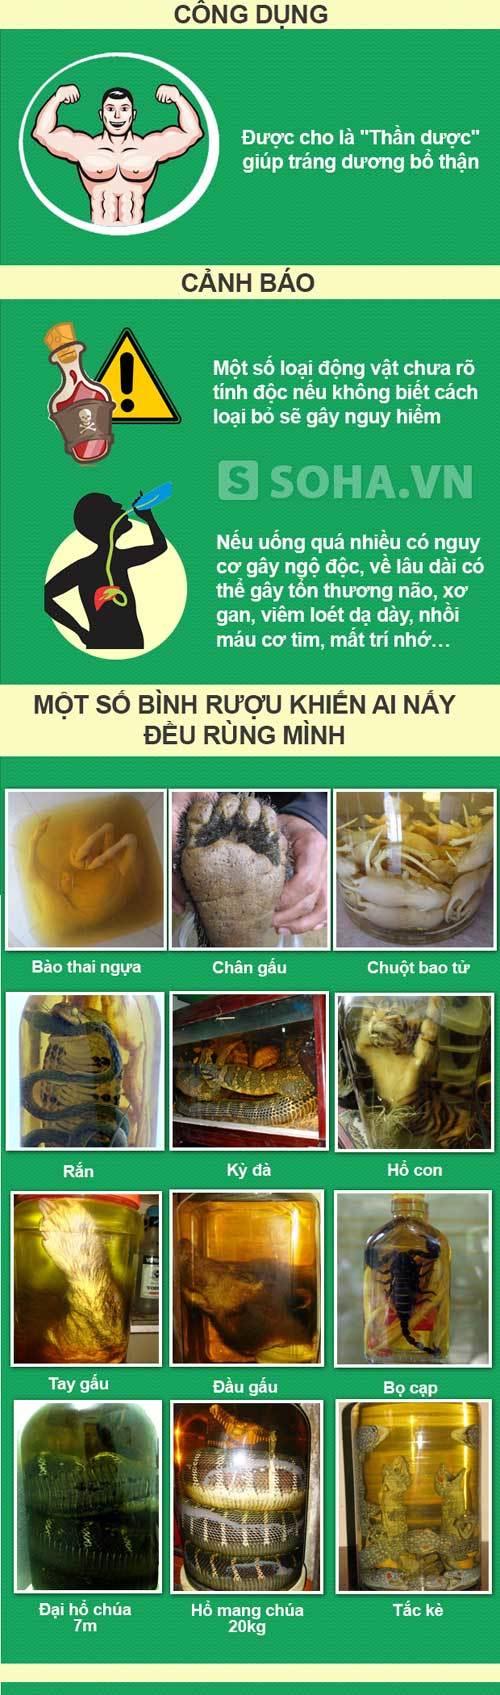 Những bình rượu khủng, rùng rợn chỉ có ở Việt Nam